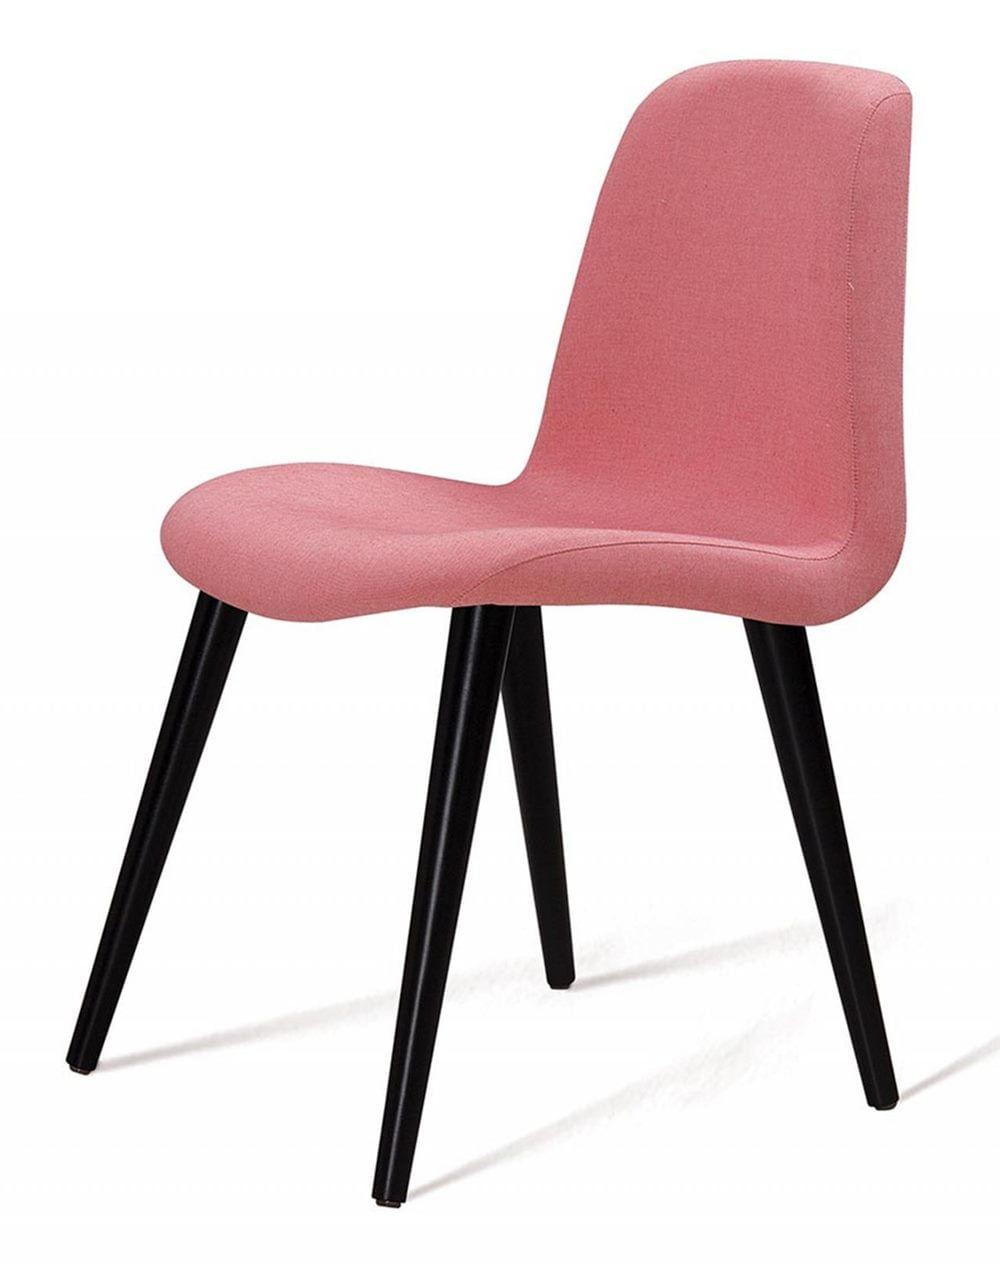 Cadeira Estofada Jacob Rosa Pes Palito Preto - 49522